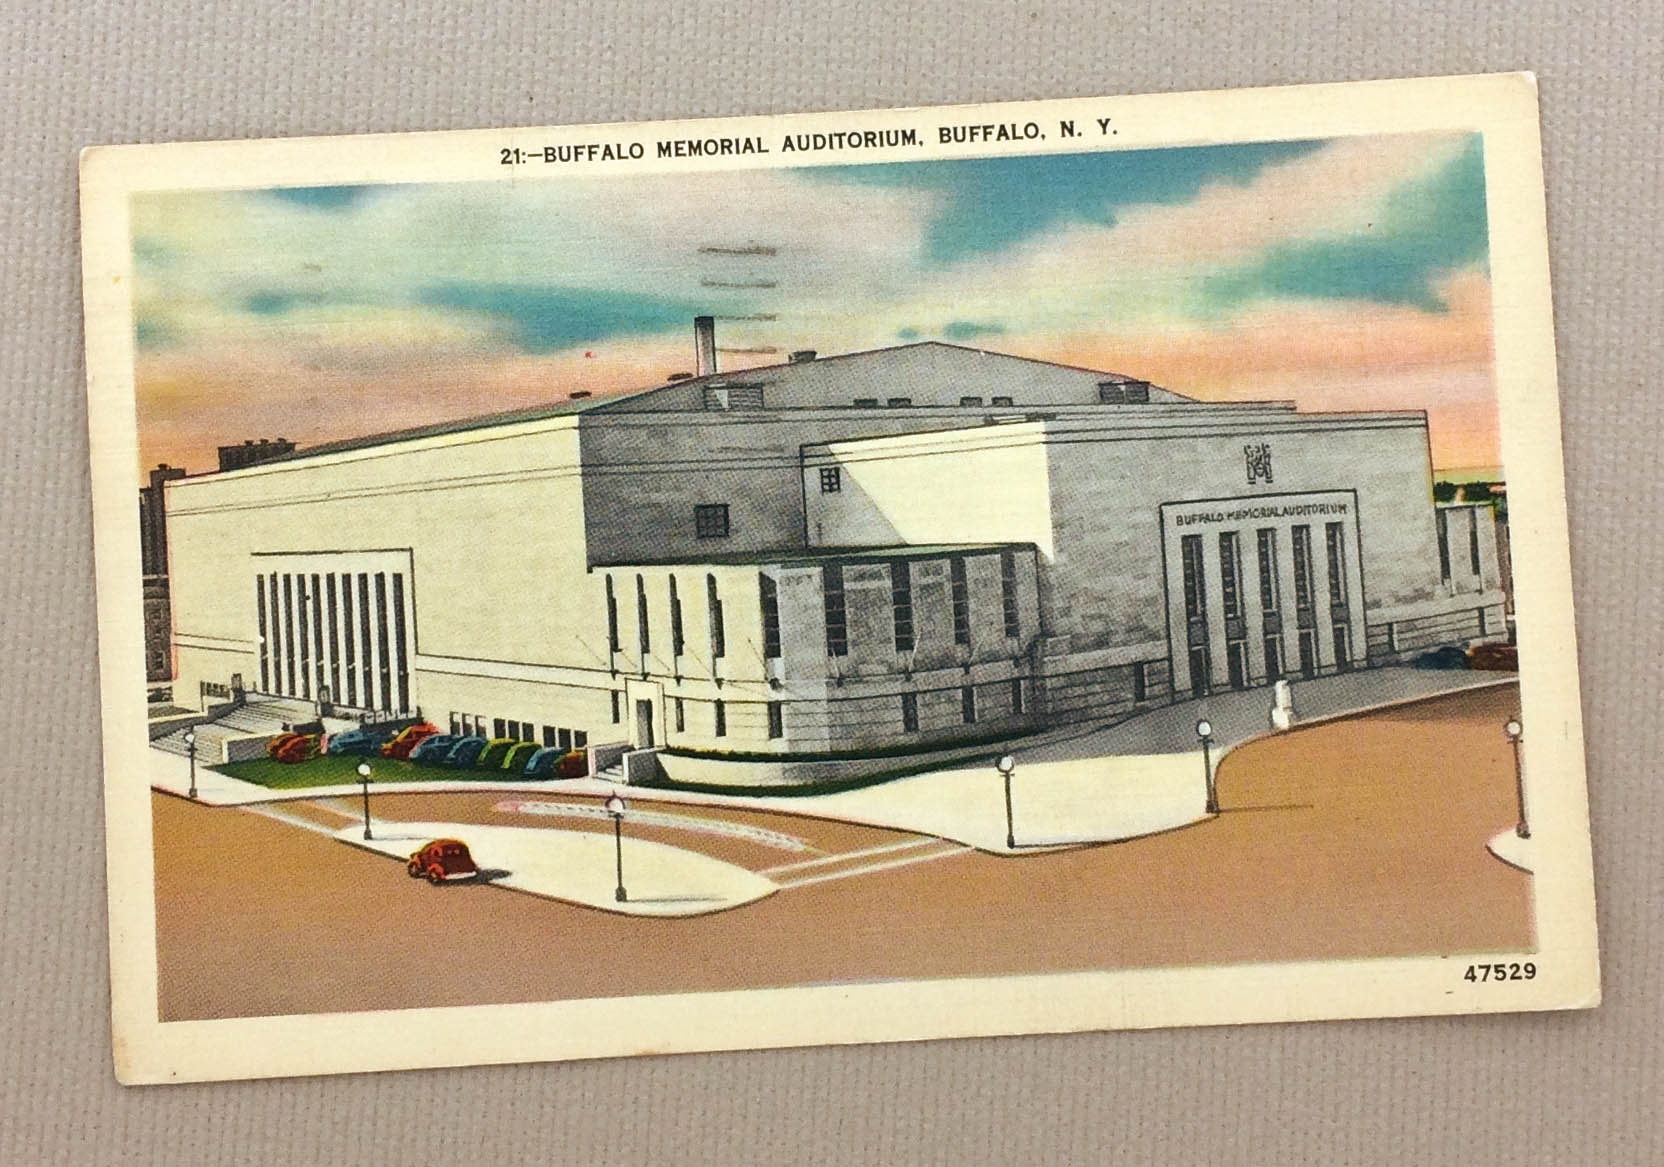 Buffalo Memorial Auditorium